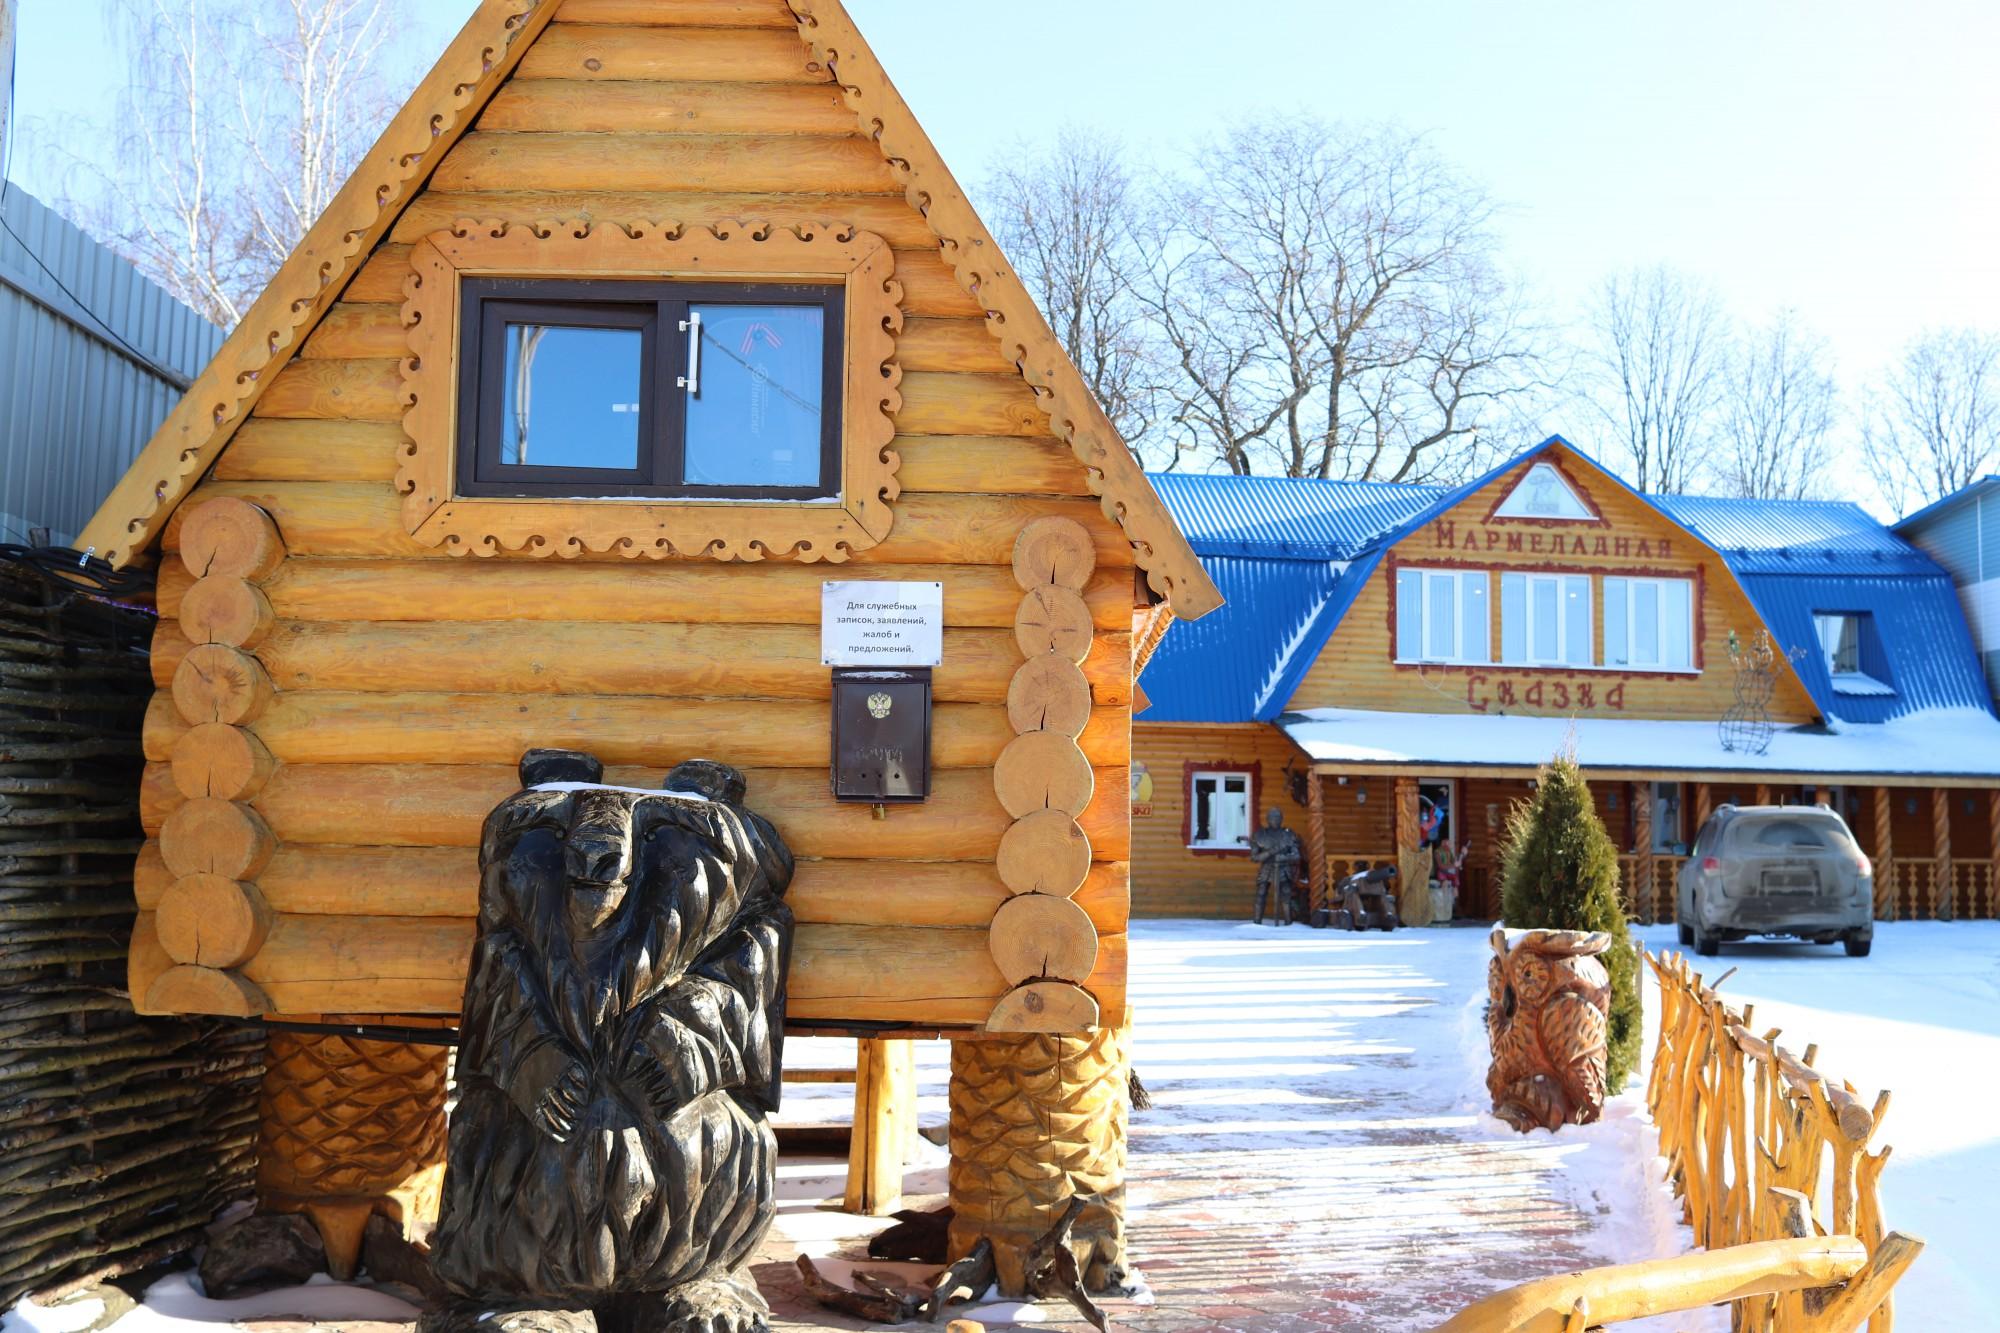 Дикий ёжик и домик в глухой деревушке: как начиналась история знаменитого  лихославльского мармелада - ТИА